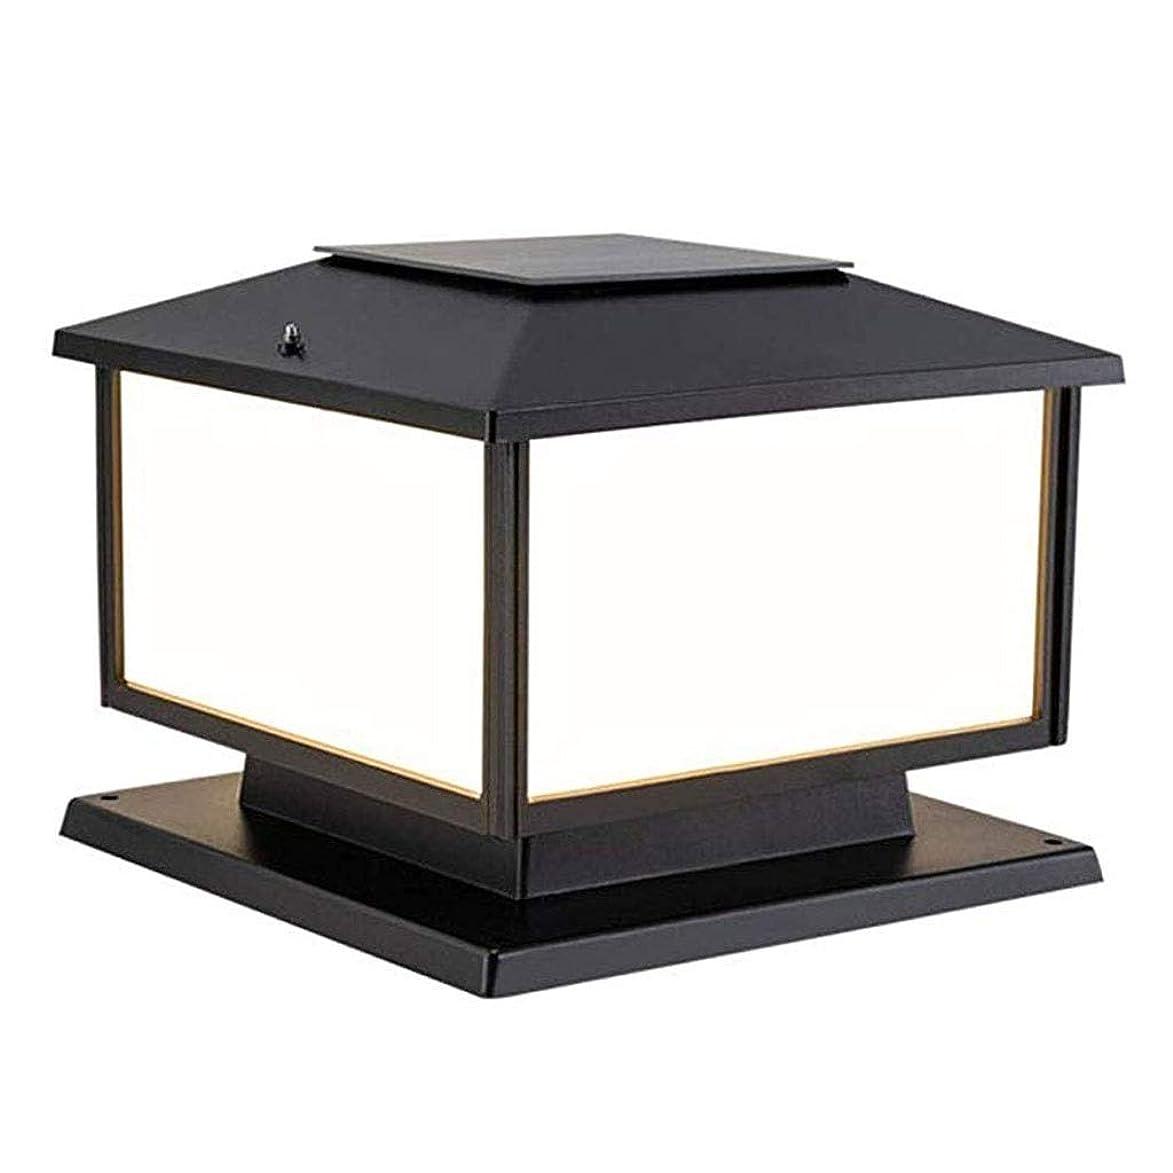 バレーボール極小怠けたゲート柱ソーラー屋外照明用外光、防水ガーデンライトスーパーブライトホーム三色の装飾(黒) (Color : ブラック, Size : 15.69×18.90in)